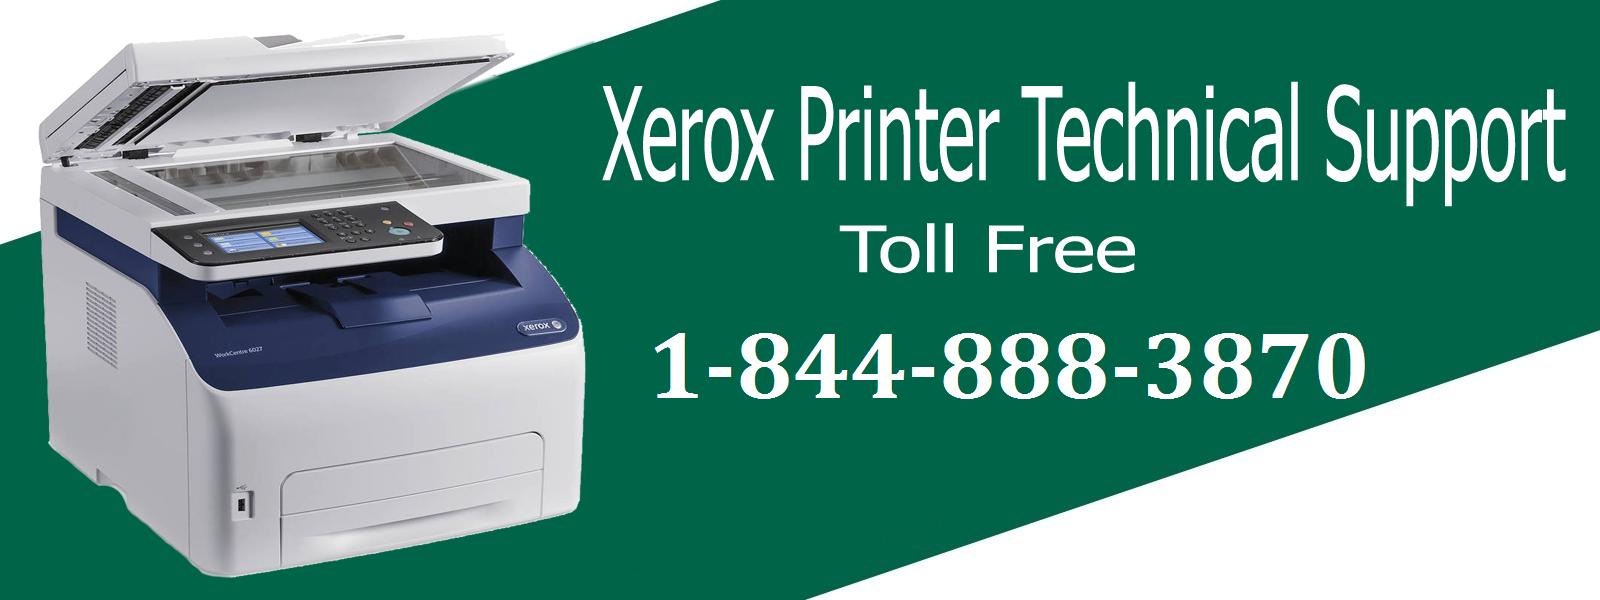 Xerox Printer user all around in Canada region.We are